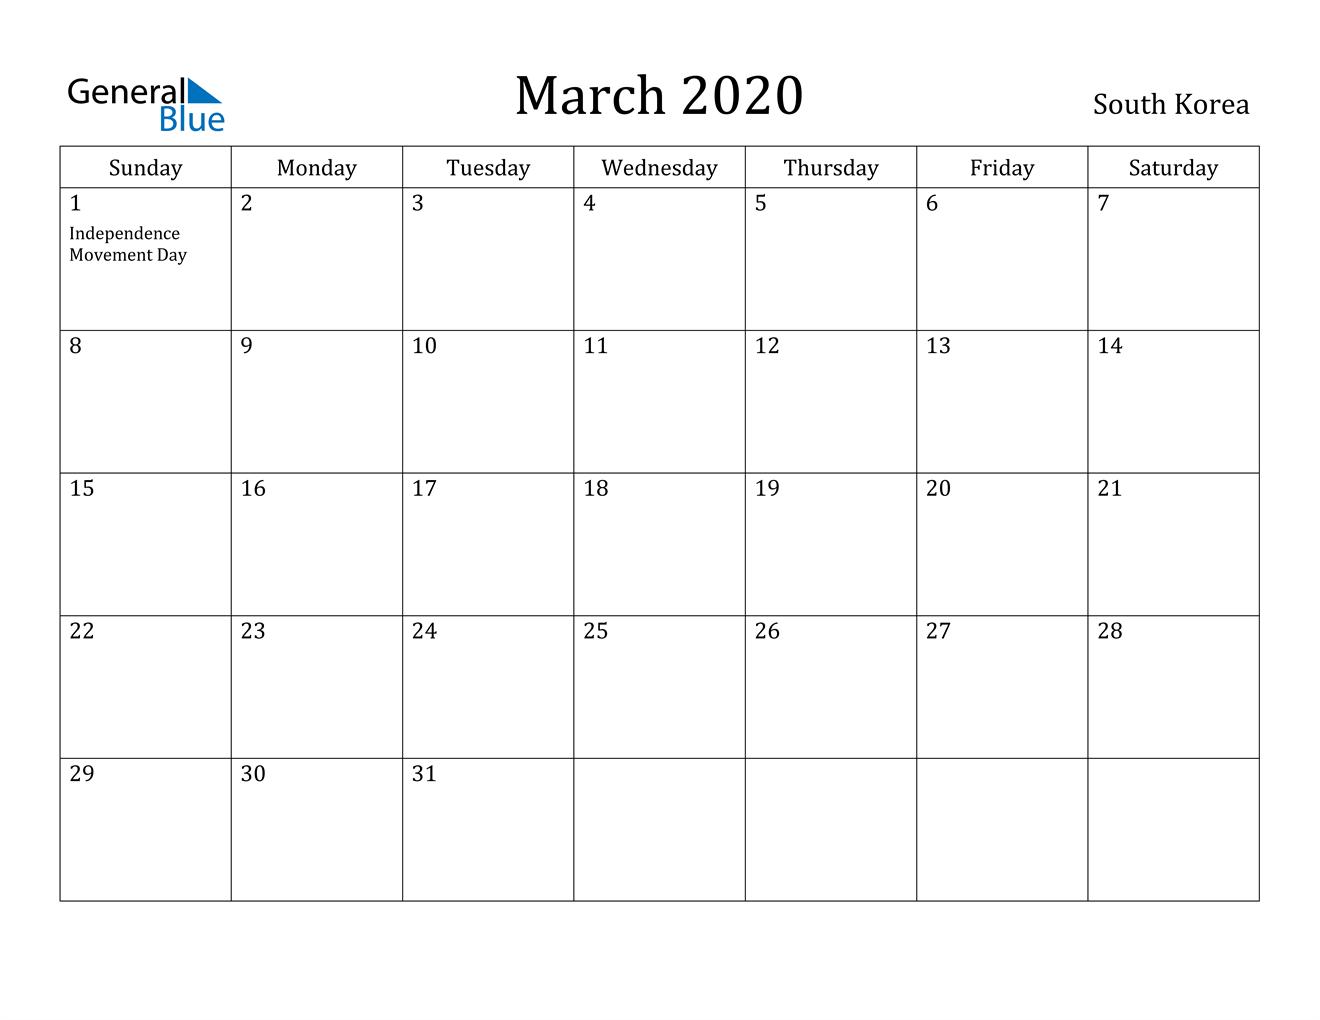 Image of March 2020 South Korea Calendar with Holidays Calendar